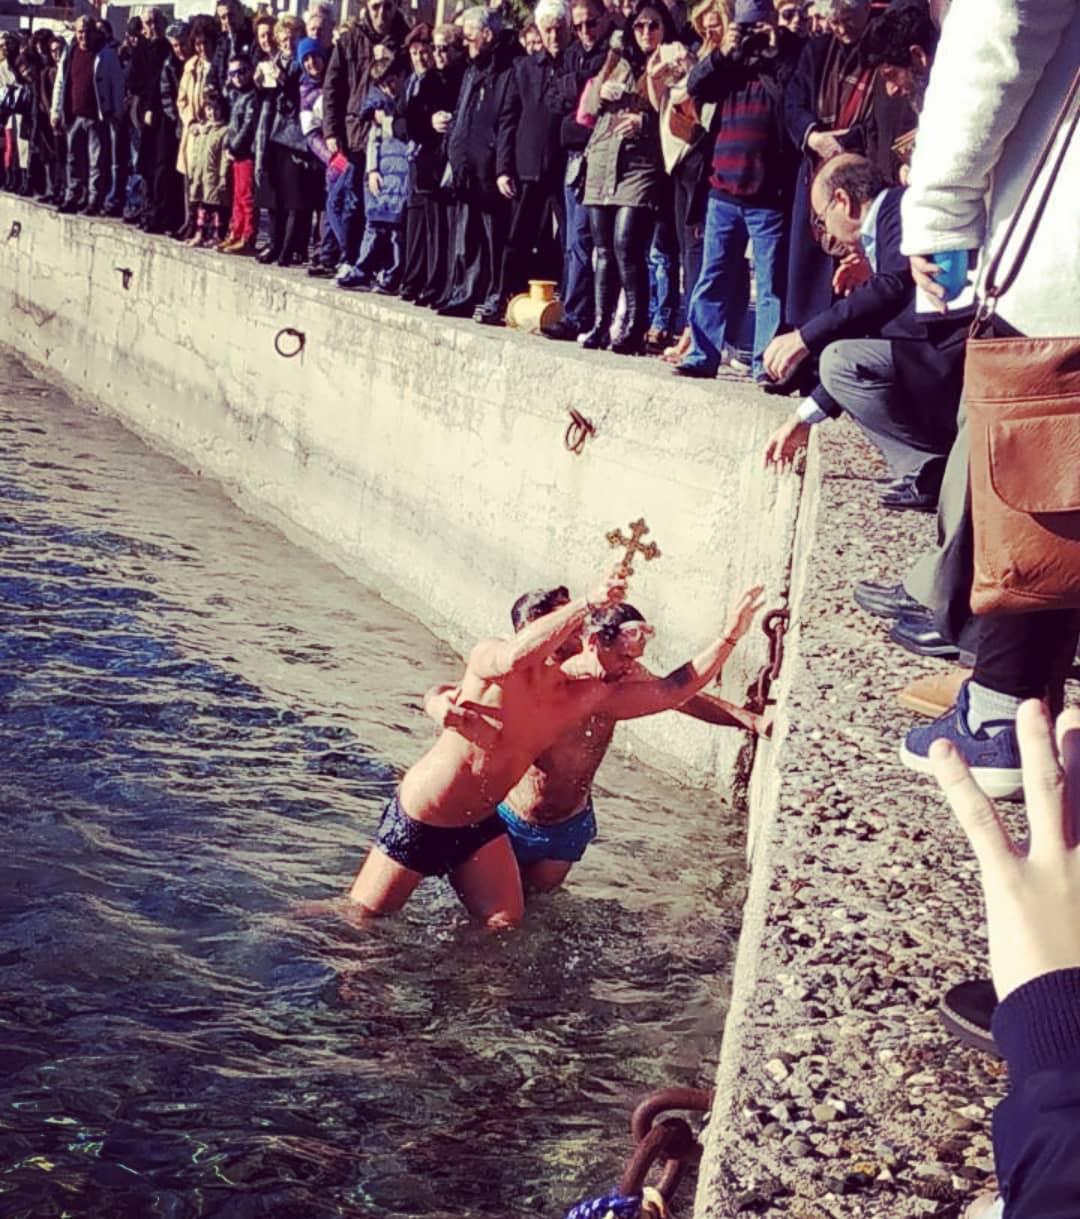 Ποιος γνωστός Έλληνας βούτηξε στα παγωμένα νερά και έπιασε τον Σταυρό; [pic,video] | tlife.gr